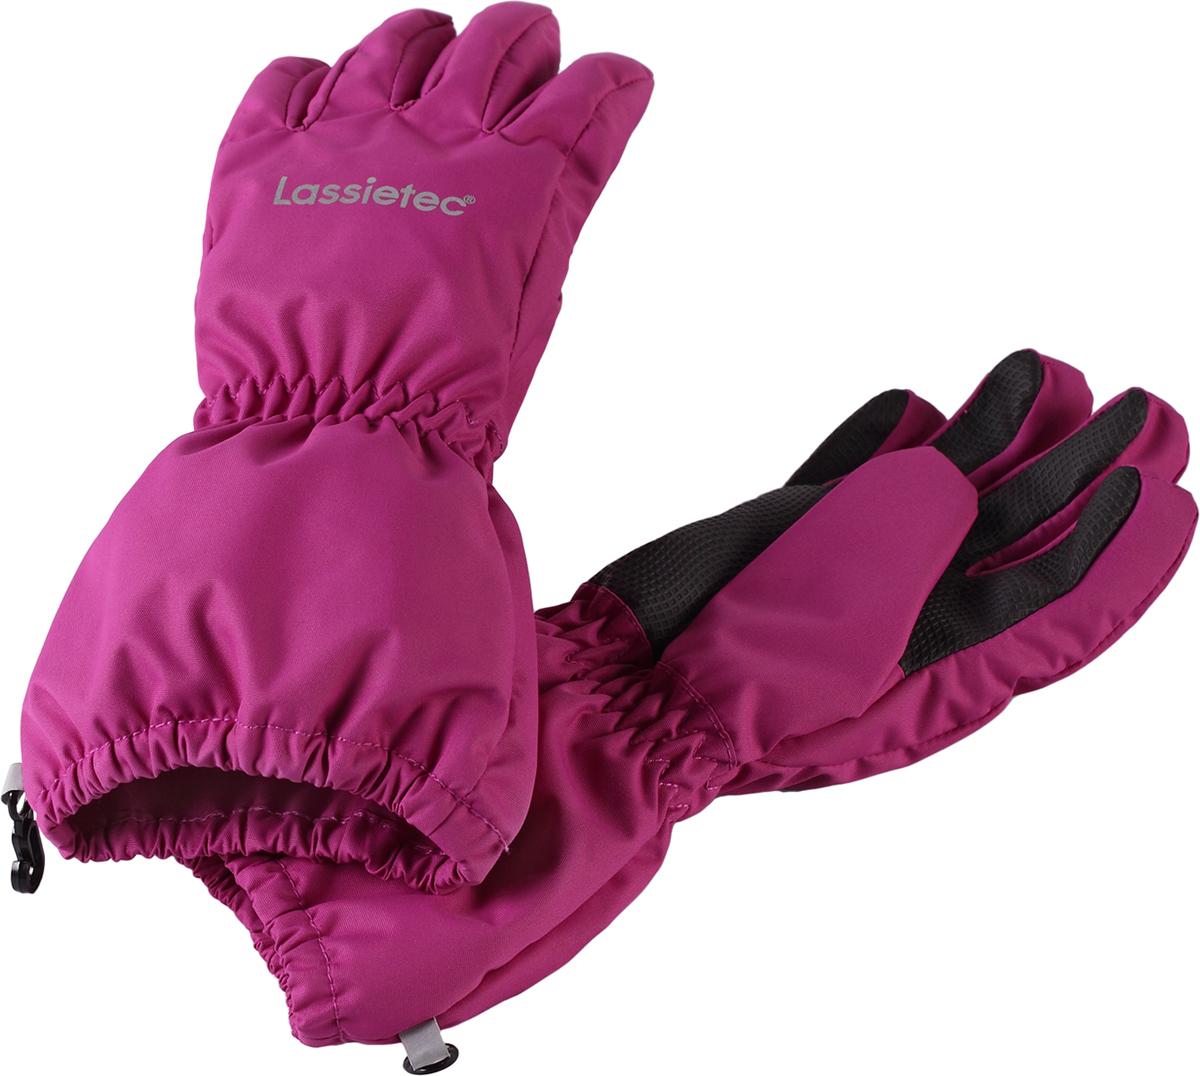 Перчатки детские Lassie, цвет: фуксия. 7277064860. Размер 67277064860Дышащие детские перчатки изготовлены из очень износостойкого и абсолютно водонепроницаемого материала. В них предусмотрена водонепроницаемая мембрана и трикотажная подкладка из полиэстера с начесом. Усиления на ладони, кончиках пальцев и на большом пальце позволяют крепко держать в руках разные сокровища, найденные во время весенних приключений на природе, а еще хорошо согревают ручки. Сверху снабжены светоотражающим элементом.